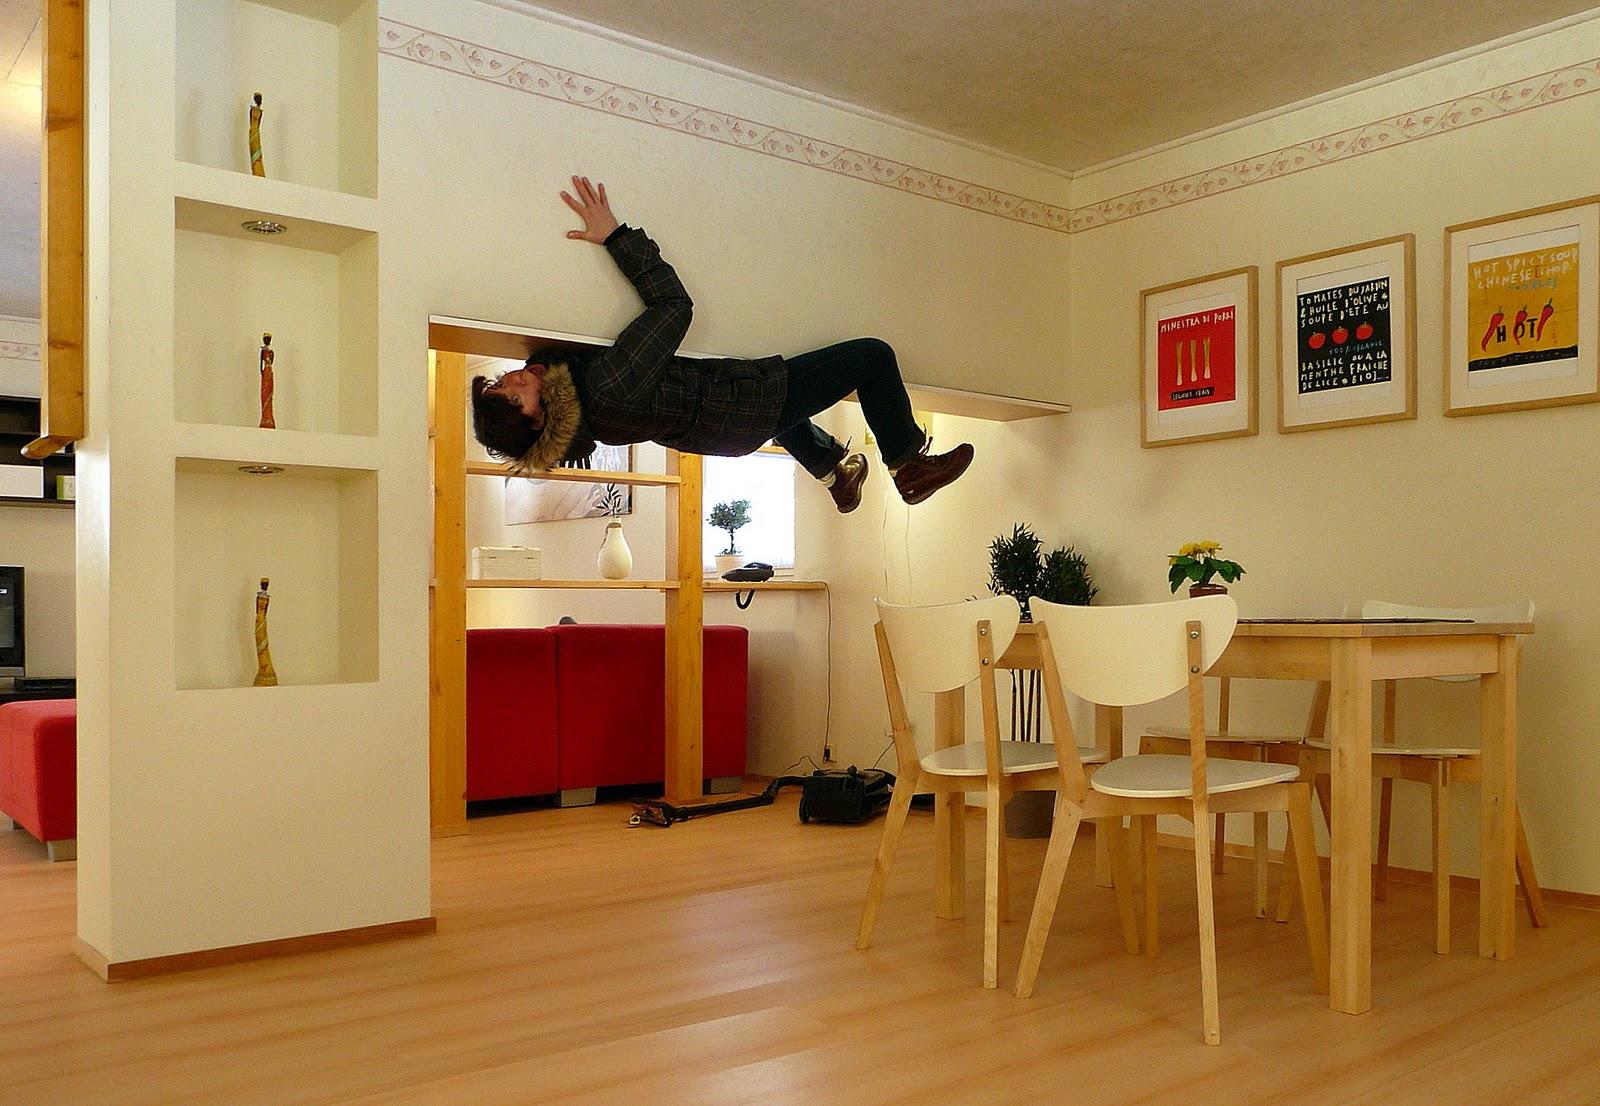 duett auf acht pfoten die welt steht kopf. Black Bedroom Furniture Sets. Home Design Ideas